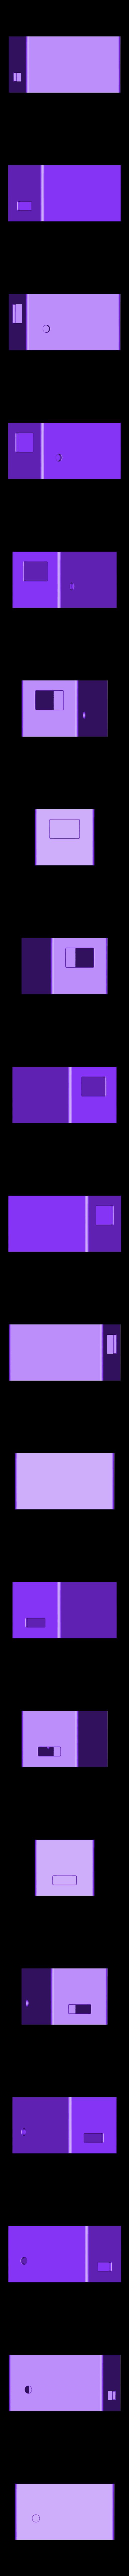 Case.stl Télécharger fichier STL gratuit Boîtier Snapfit pour le module d'amplification réglable DC-DC MT3608 avec micro USB • Plan pour impression 3D, SimonSeghers